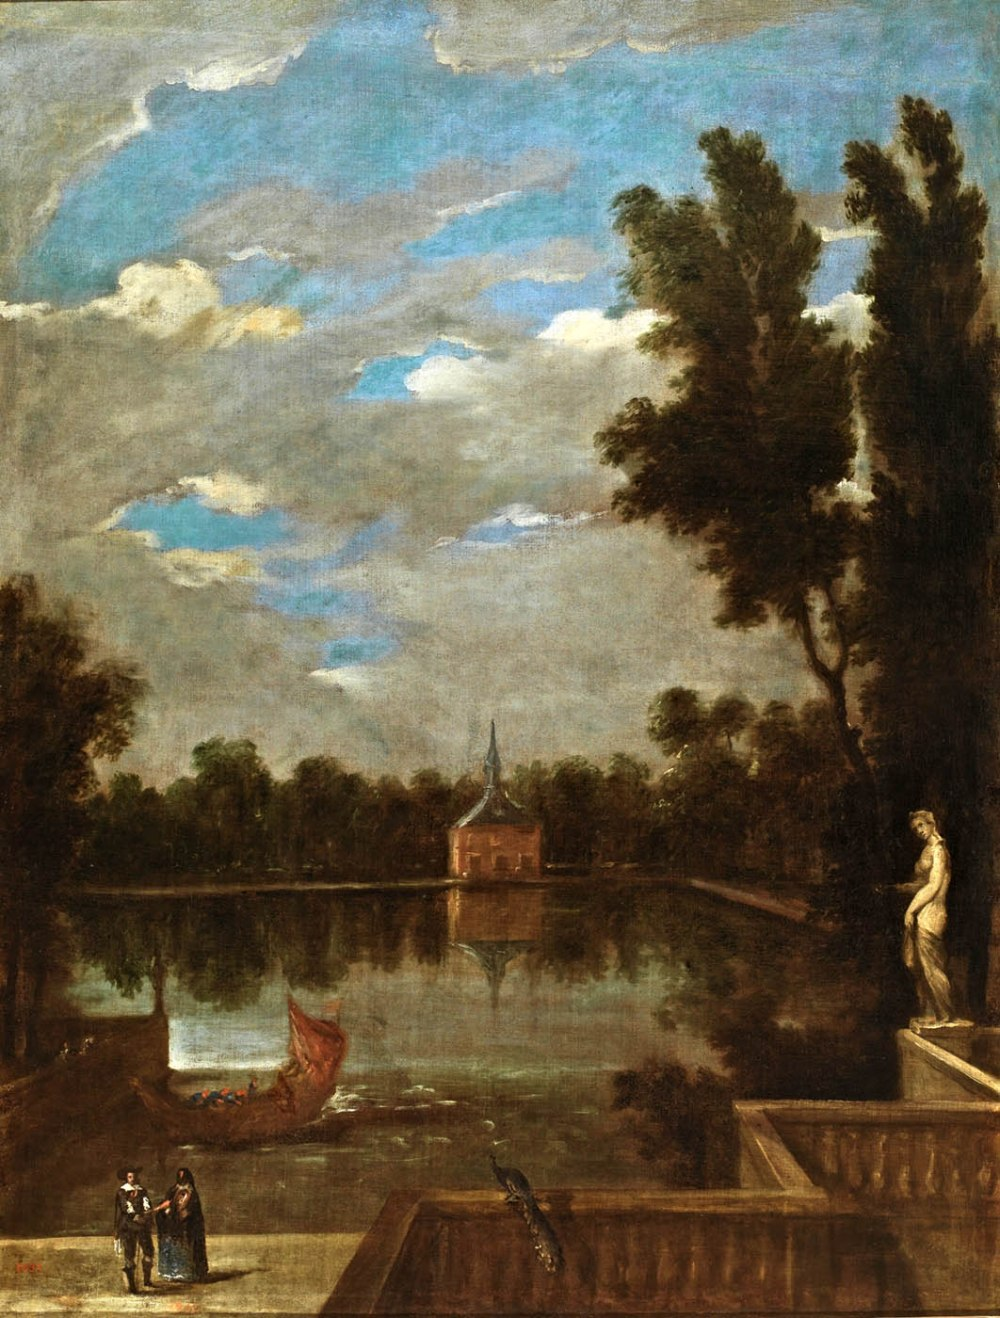 Juan Bautista Martínez del Mazo. El Estanque Grande del Buen Retiro. Hacia 1657. Museo Nacional del Prado. Madrid.